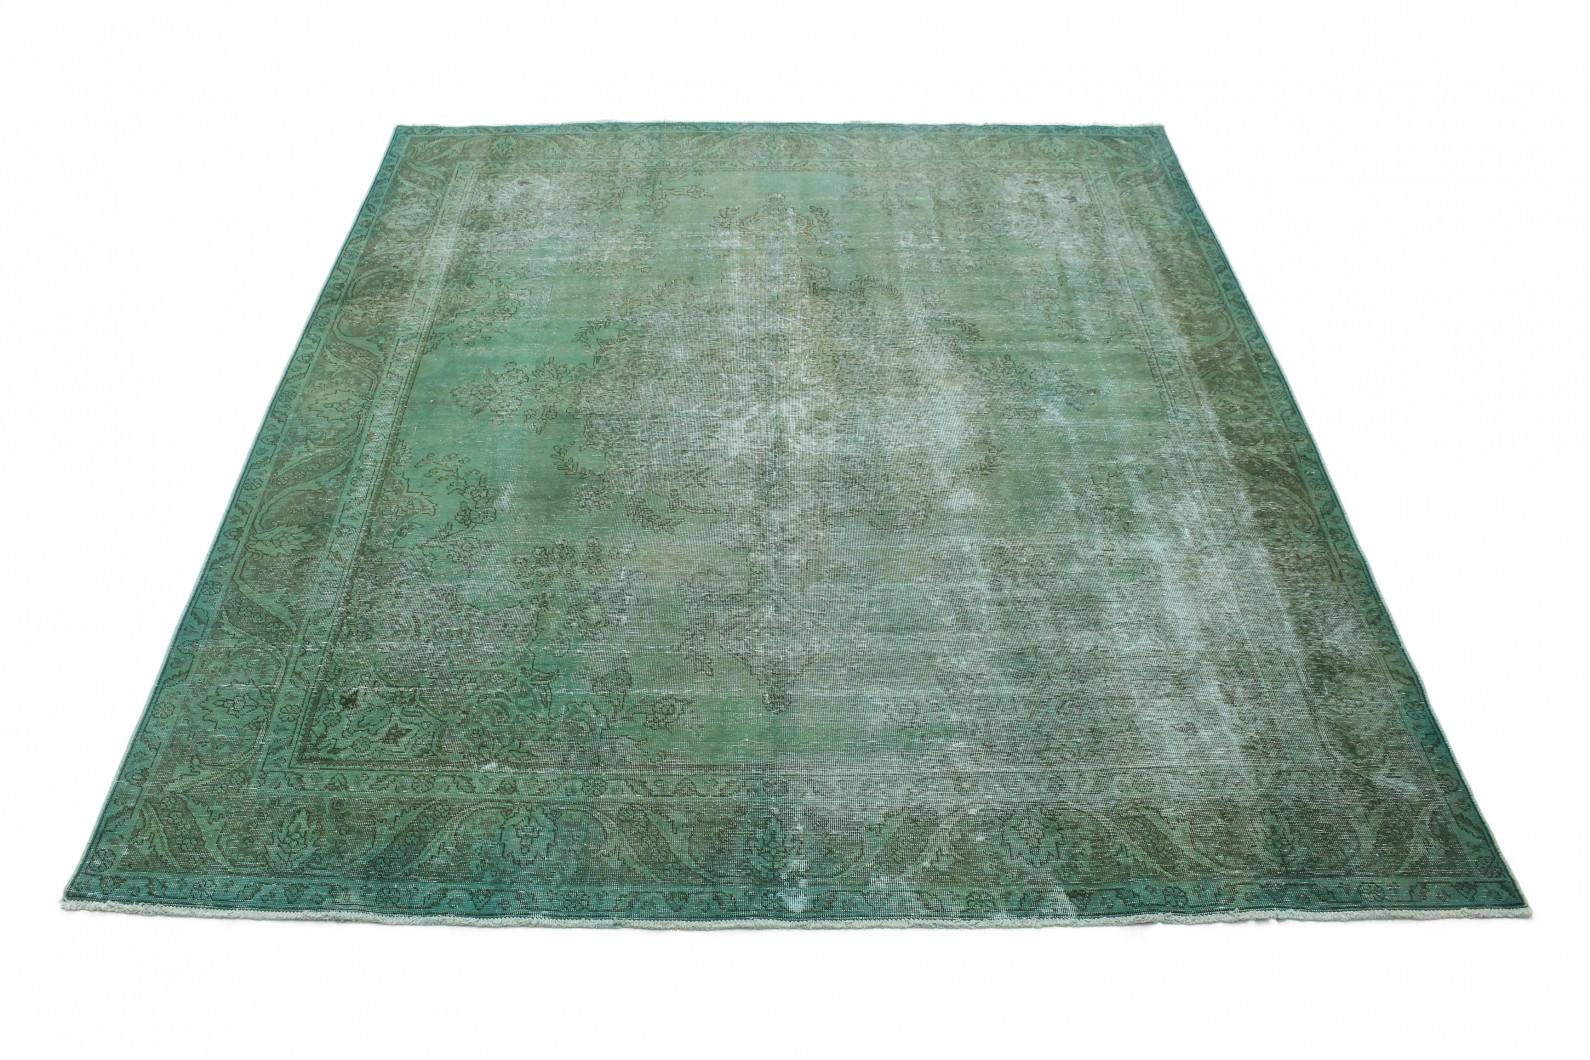 Vintage Teppich Grun Grau In 350x290 1001 3714 Bei Carpetido De Kaufen